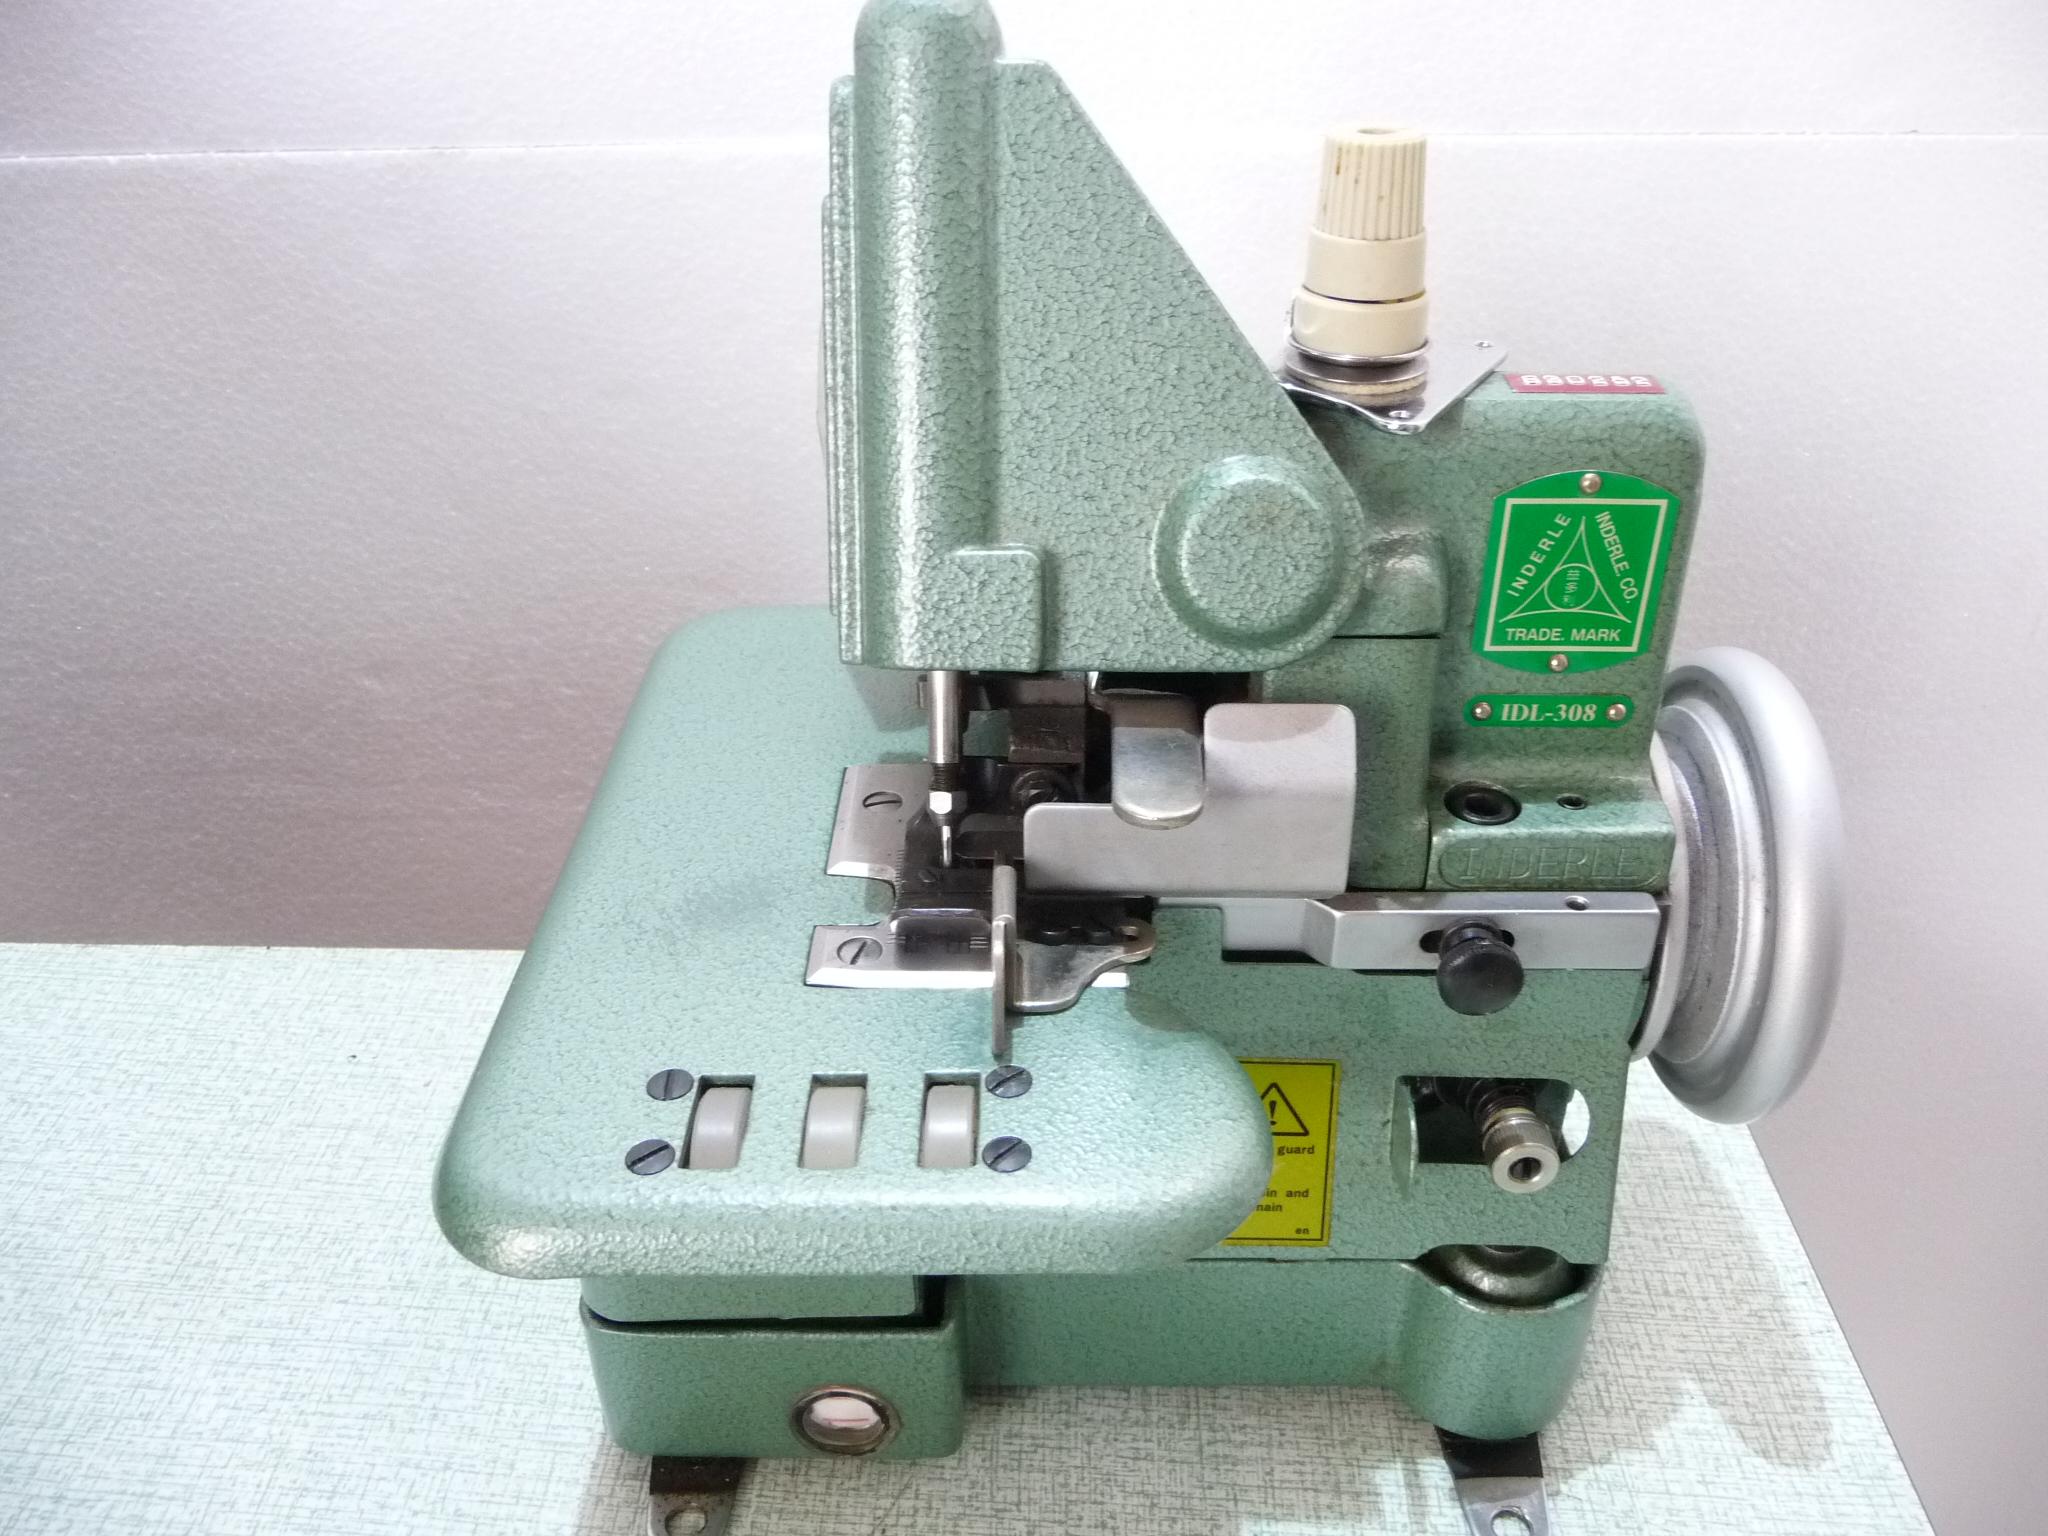 台湾製 モデルNO-IDL-308型「ヤマトDCY-108同等品」展示品「新古品」頭部のみ 1本針3本糸用、カーペット・絨毯等の縁かがりミシンにお使いください。新品と同じく6か月の保障つきです。